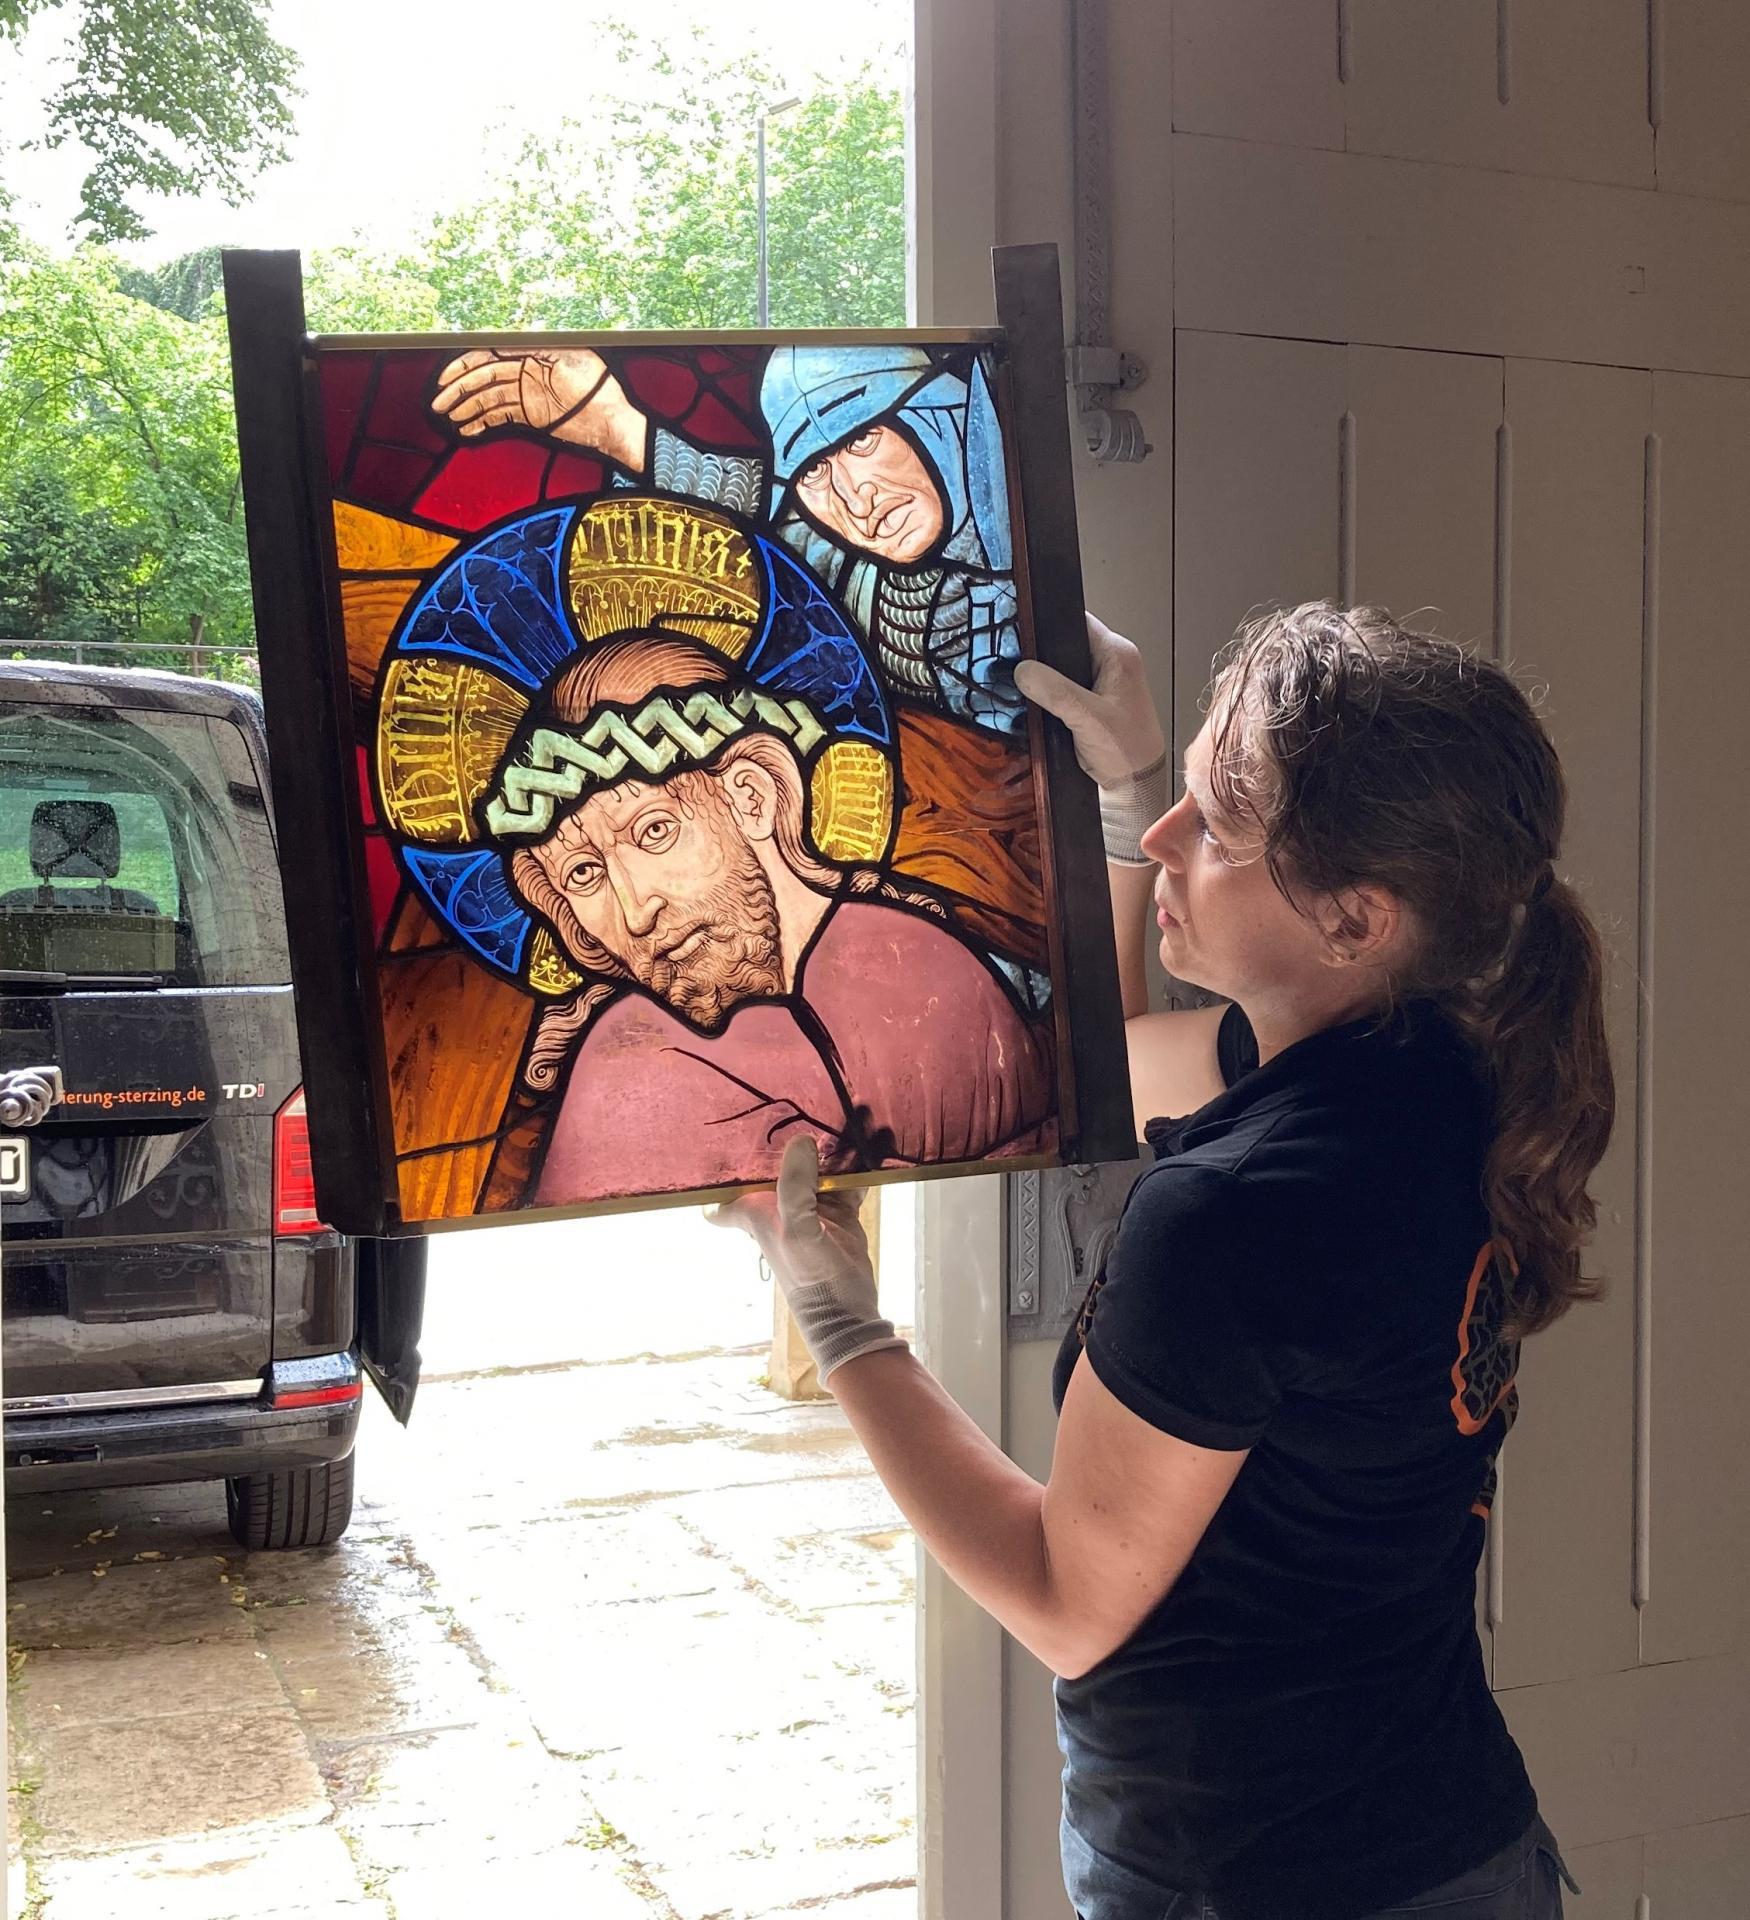 Nicole Sterzing, von einem Regenguss überrascht, zeigt ein Fensterfeld im Durchlicht